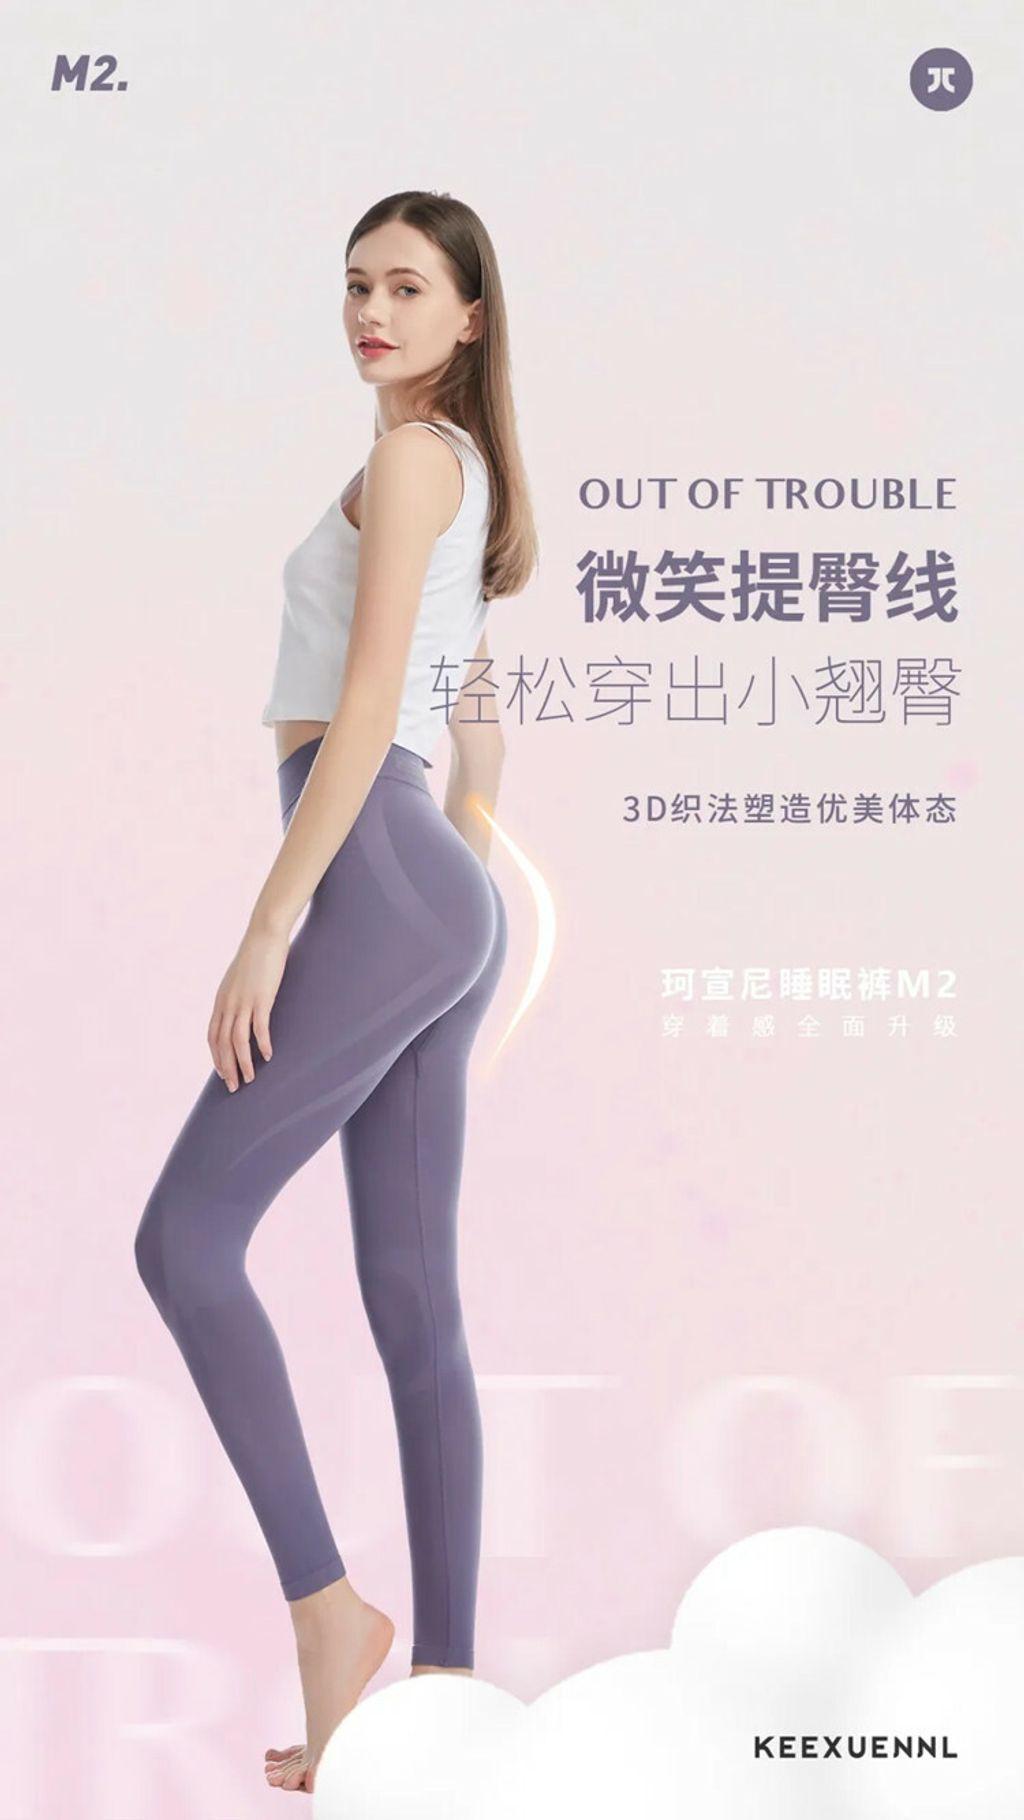 JuzBeauty_JuzBeautyMalaysia_JuzPretty_Authentic_Kbeauty_Malaysia_Jbeauty_Keexuennl_Out_of_Trouble_Legging_M2_ (11).jpg